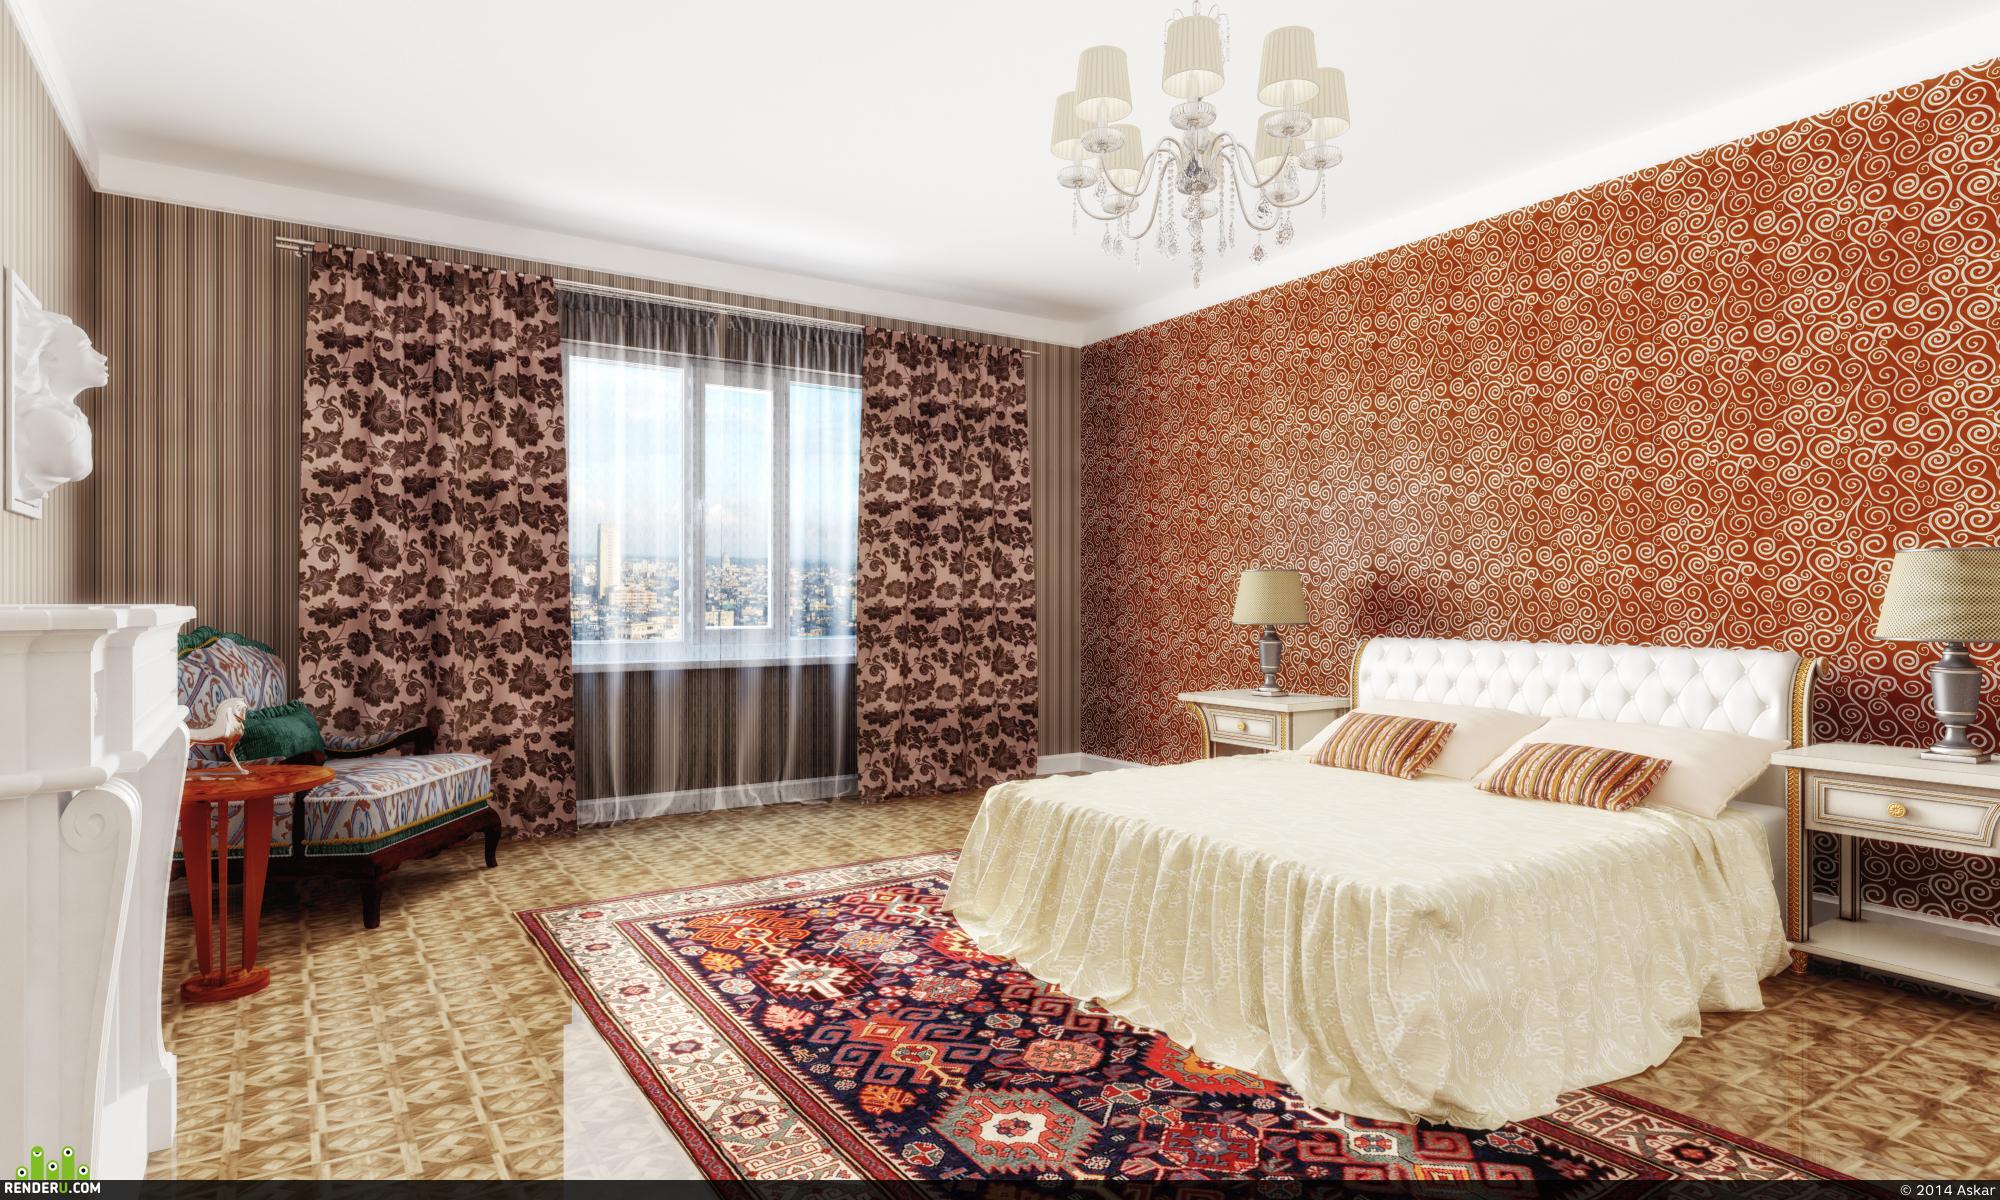 preview Спальня, классика с оттенками марокканского стиля